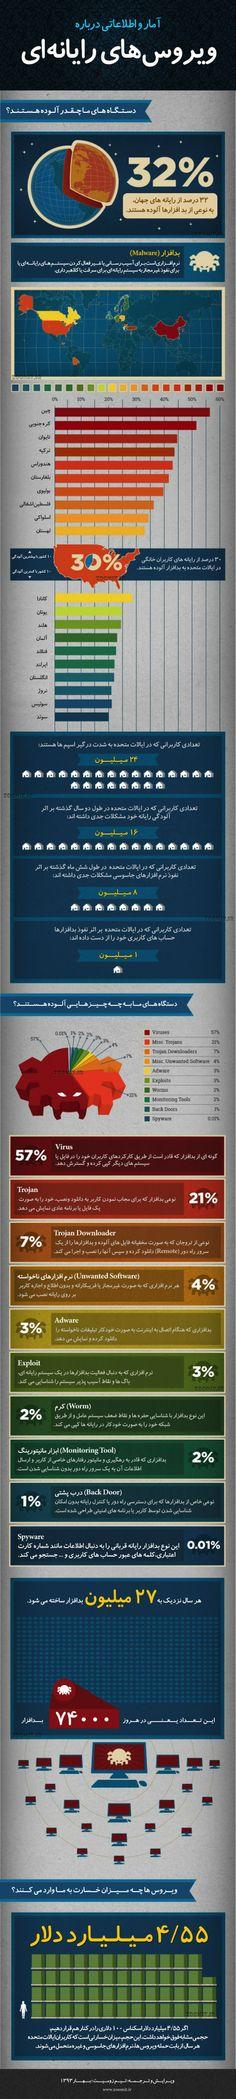 اینفوگرافیک: آمار و اطلاعاتی درباره ویروسهای رایانهای http://zurl.ir/237987